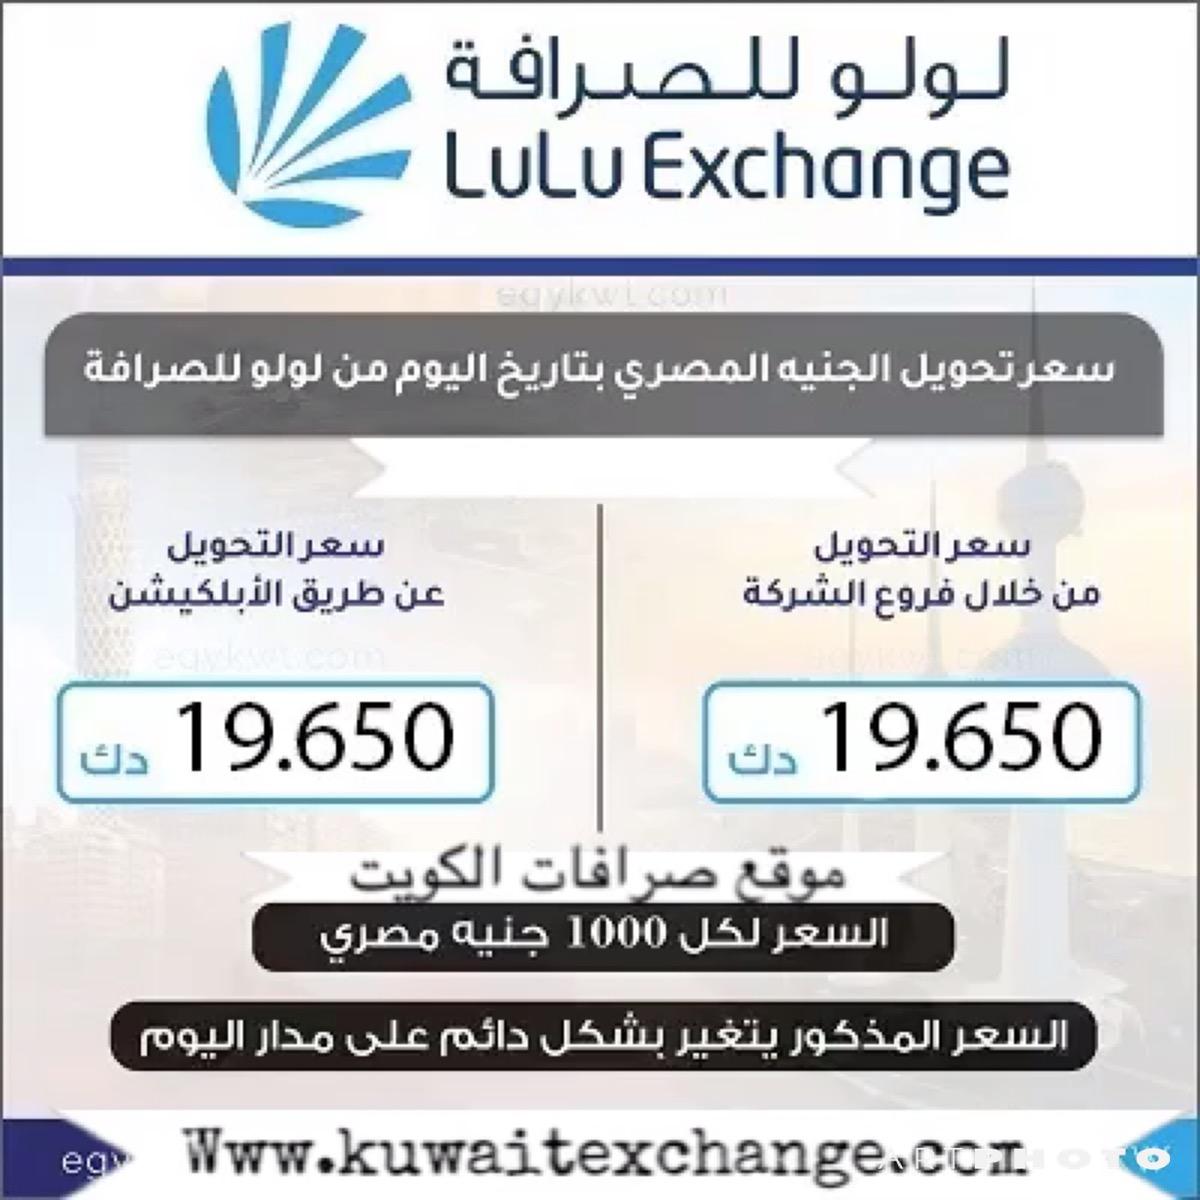 ١٠٠ دينار كويتي كم مصري تحويلات العملات مقابل الدينار الكويتي لولو للصيرفة ٣ أكتوبر